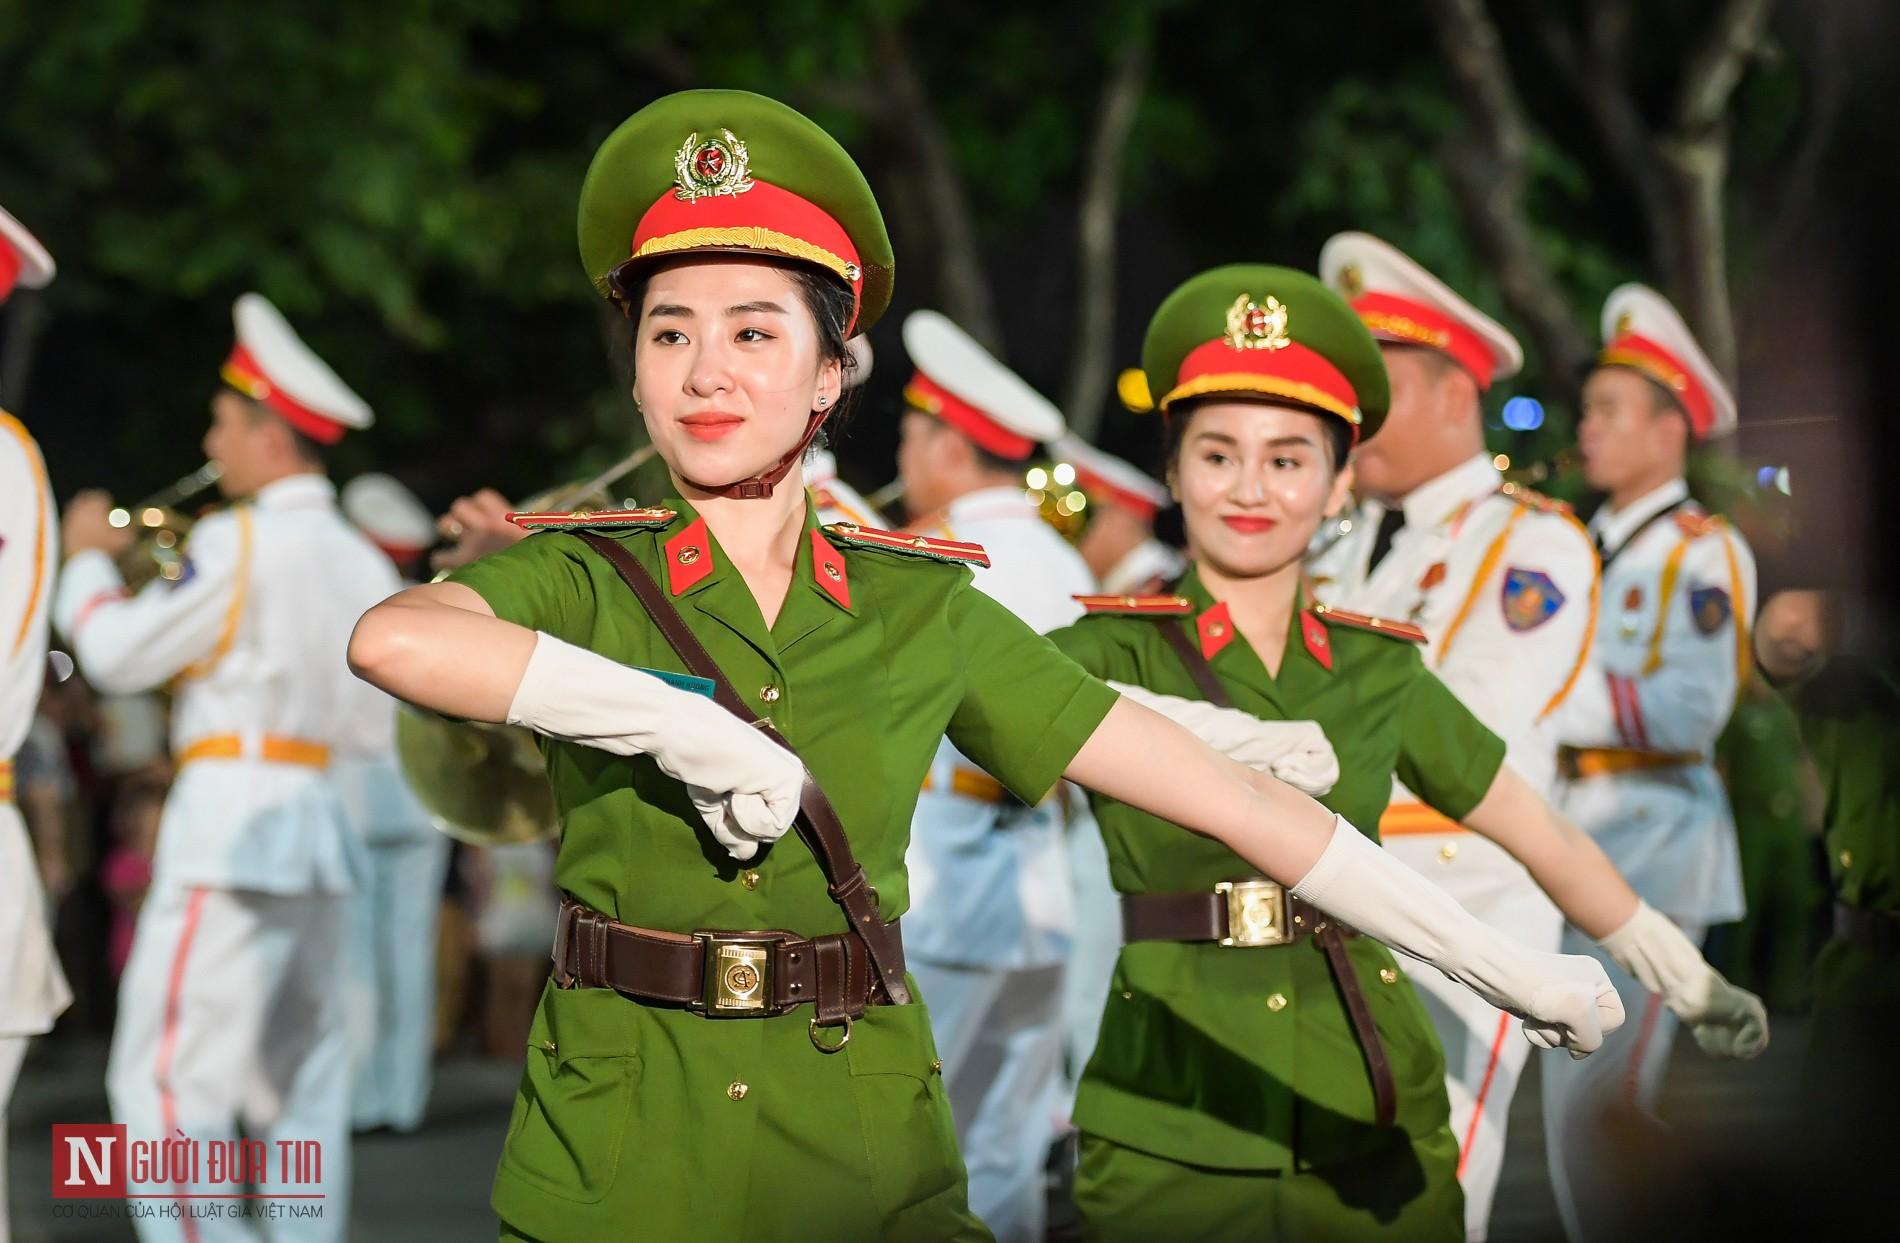 Ngất ngây nhan sắc nữ chiến sĩ Đoàn nghi lễ Bộ Công An 12